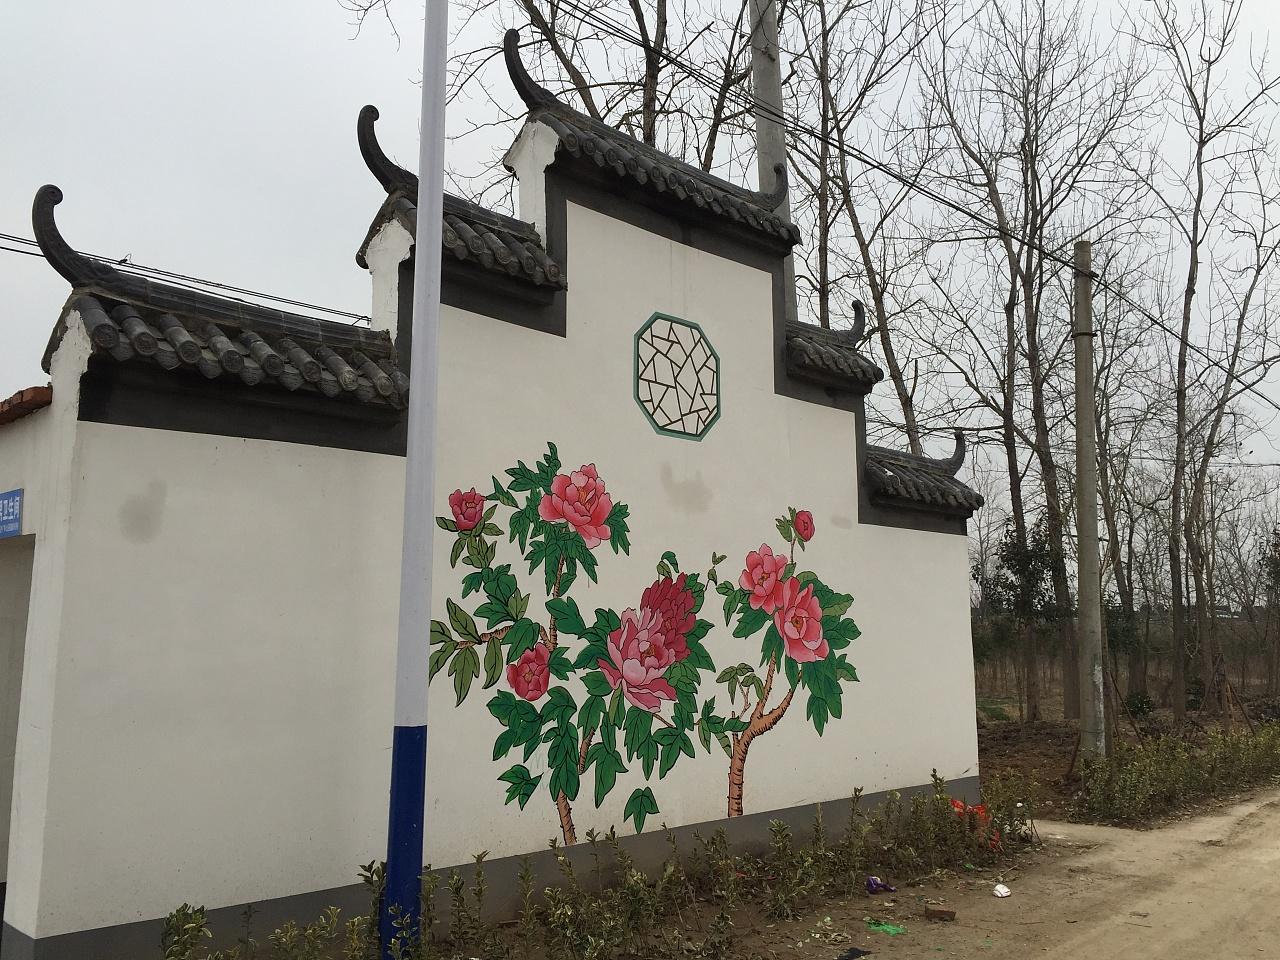 徽墙绘素材 新农村墙画设计 美丽乡村 围墙彩绘作品